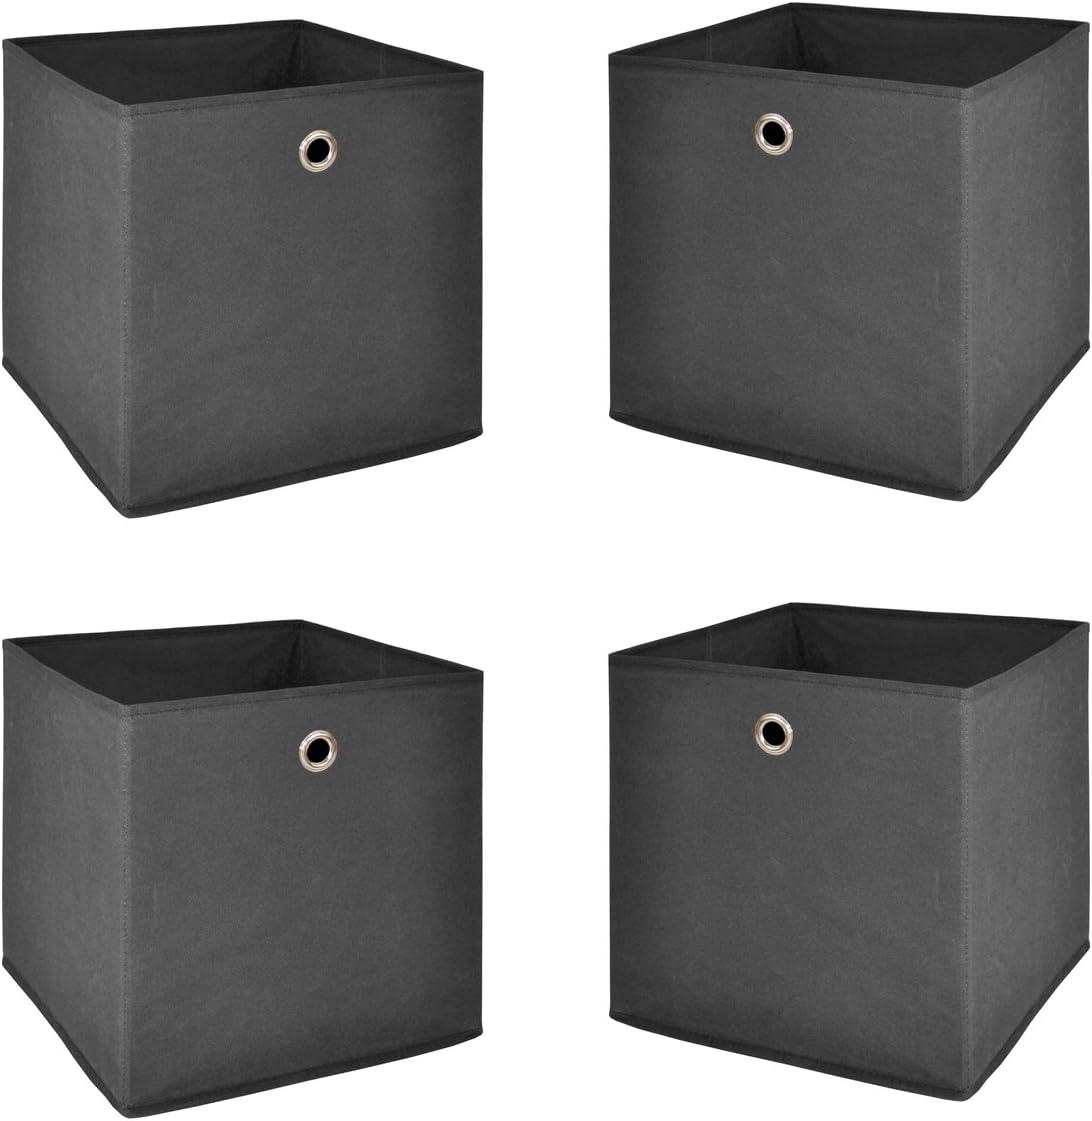 Beige BHS und Krawatten Faltbox Schubladen-Organizer f/ür Kleiderschrankschubladen Divider f/ür Socken Anstore 6 St/ück Aufbewahrungsbox f/ür Unterw/äsche Stoffbox